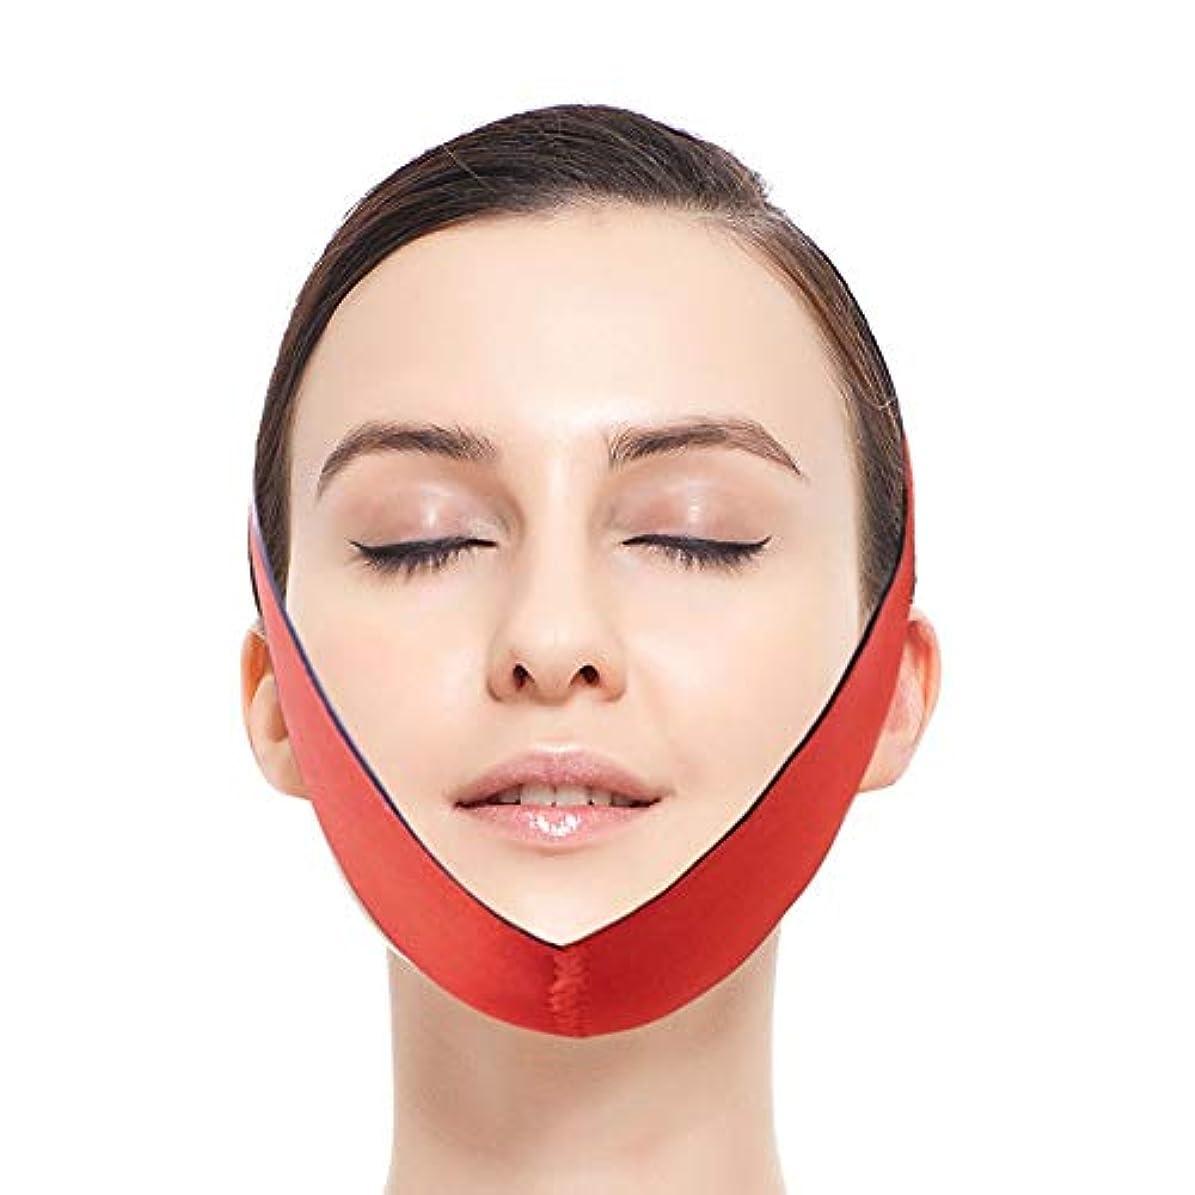 世界的にしかしながら肯定的GYZ フェイスリフティングアーティファクトVフェイス包帯マスクダブルあご引き締め顔薄い咬傷筋肉下顎矯正顔 Thin Face Belt